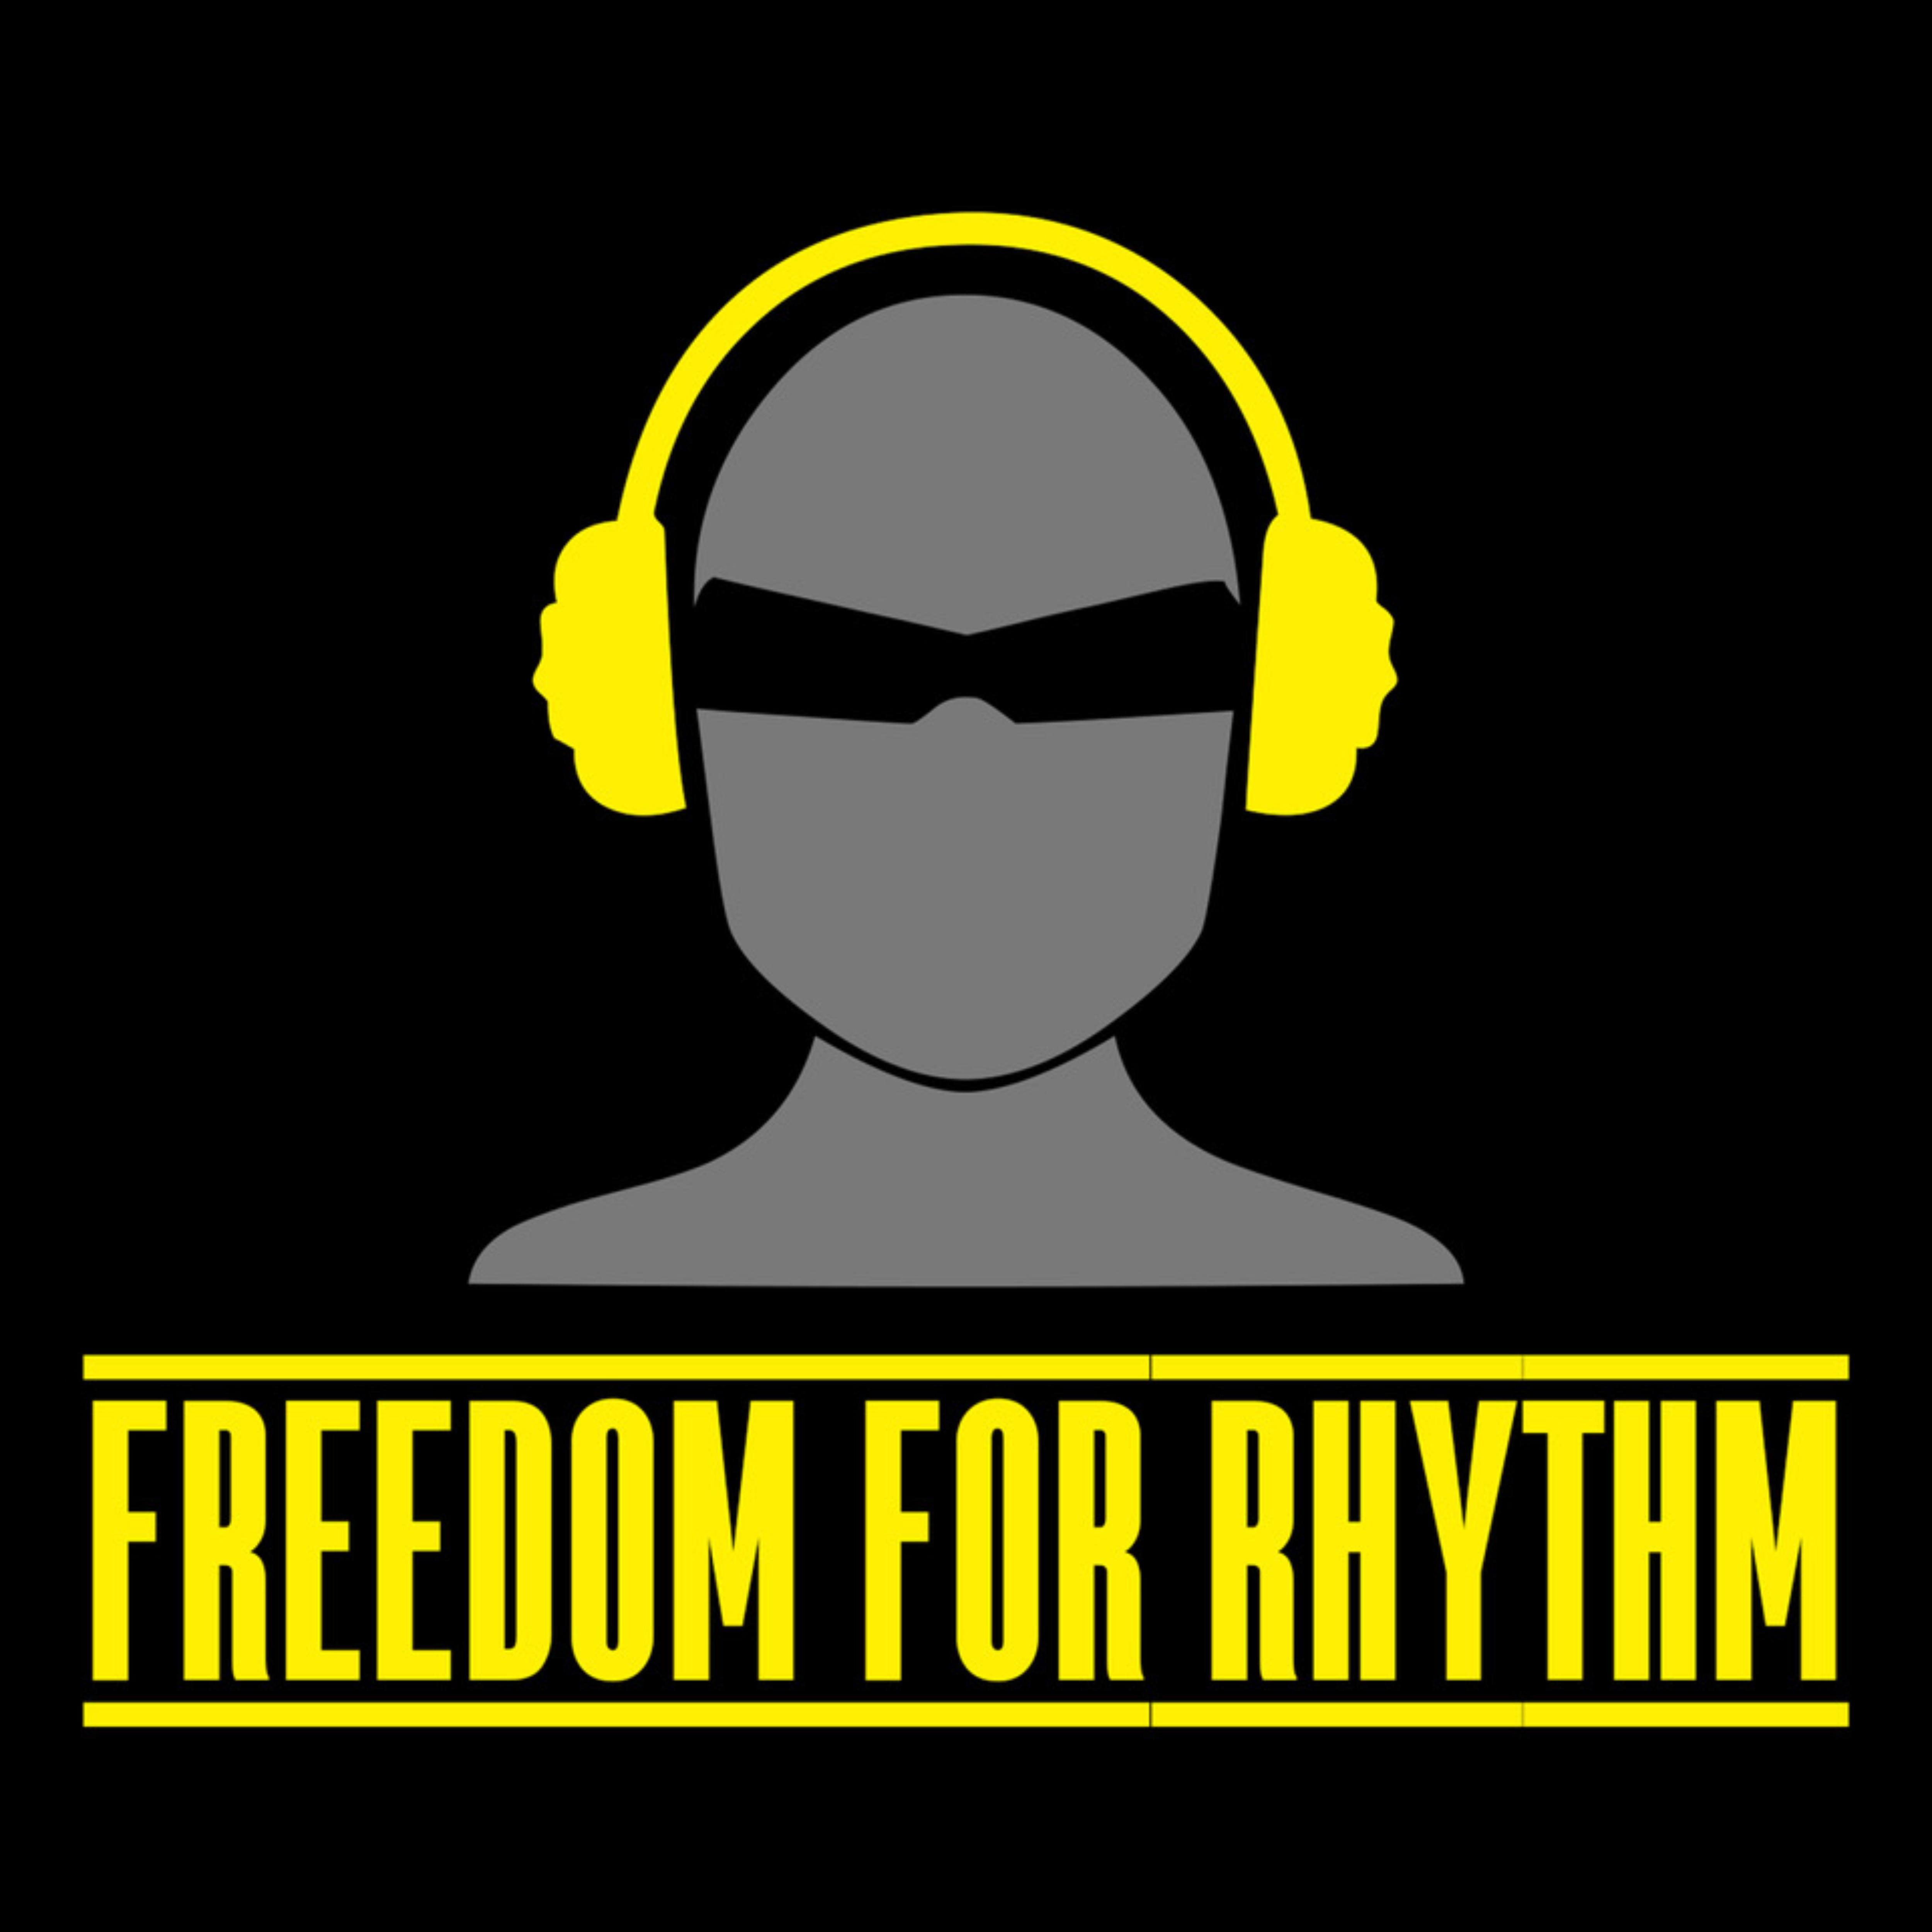 Freedom For Rhythm